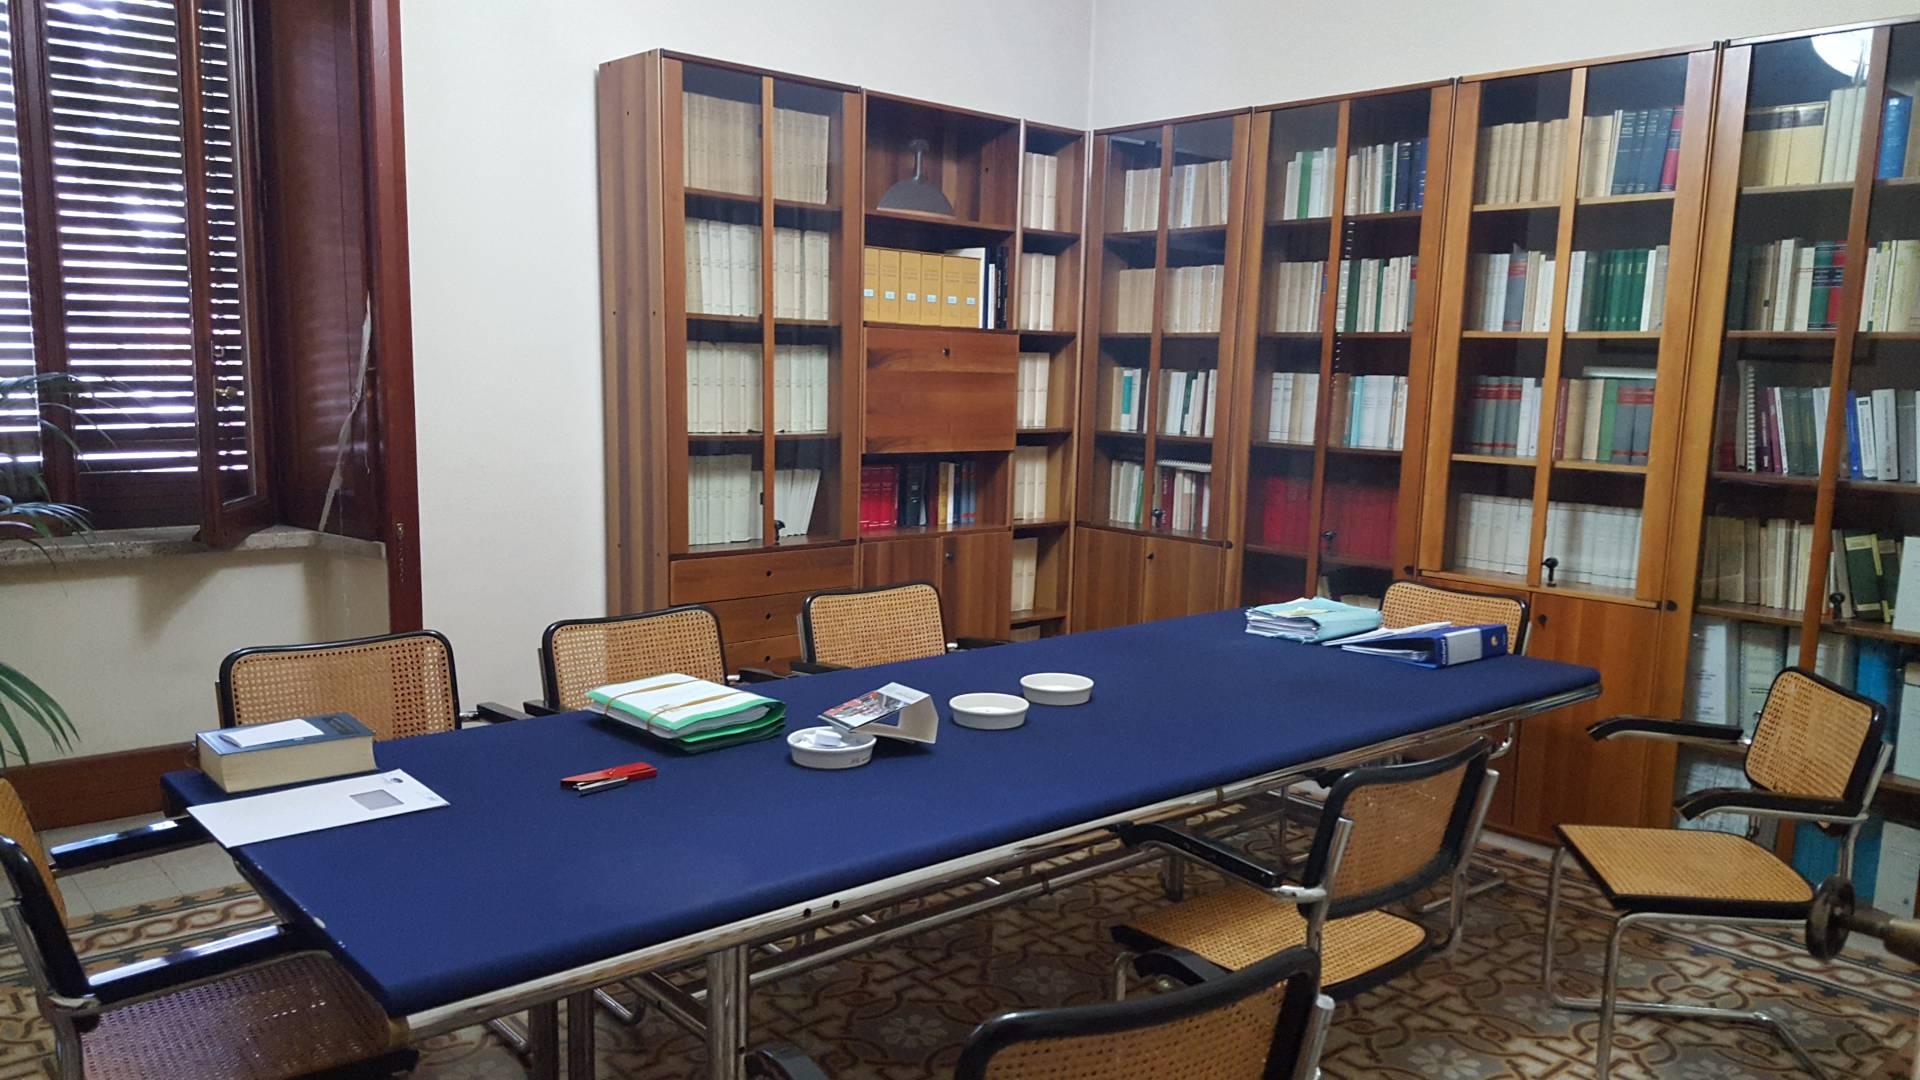 Ufficio / Studio in vendita a Teramo, 9999 locali, zona Zona: Centro , prezzo € 250.000 | CambioCasa.it